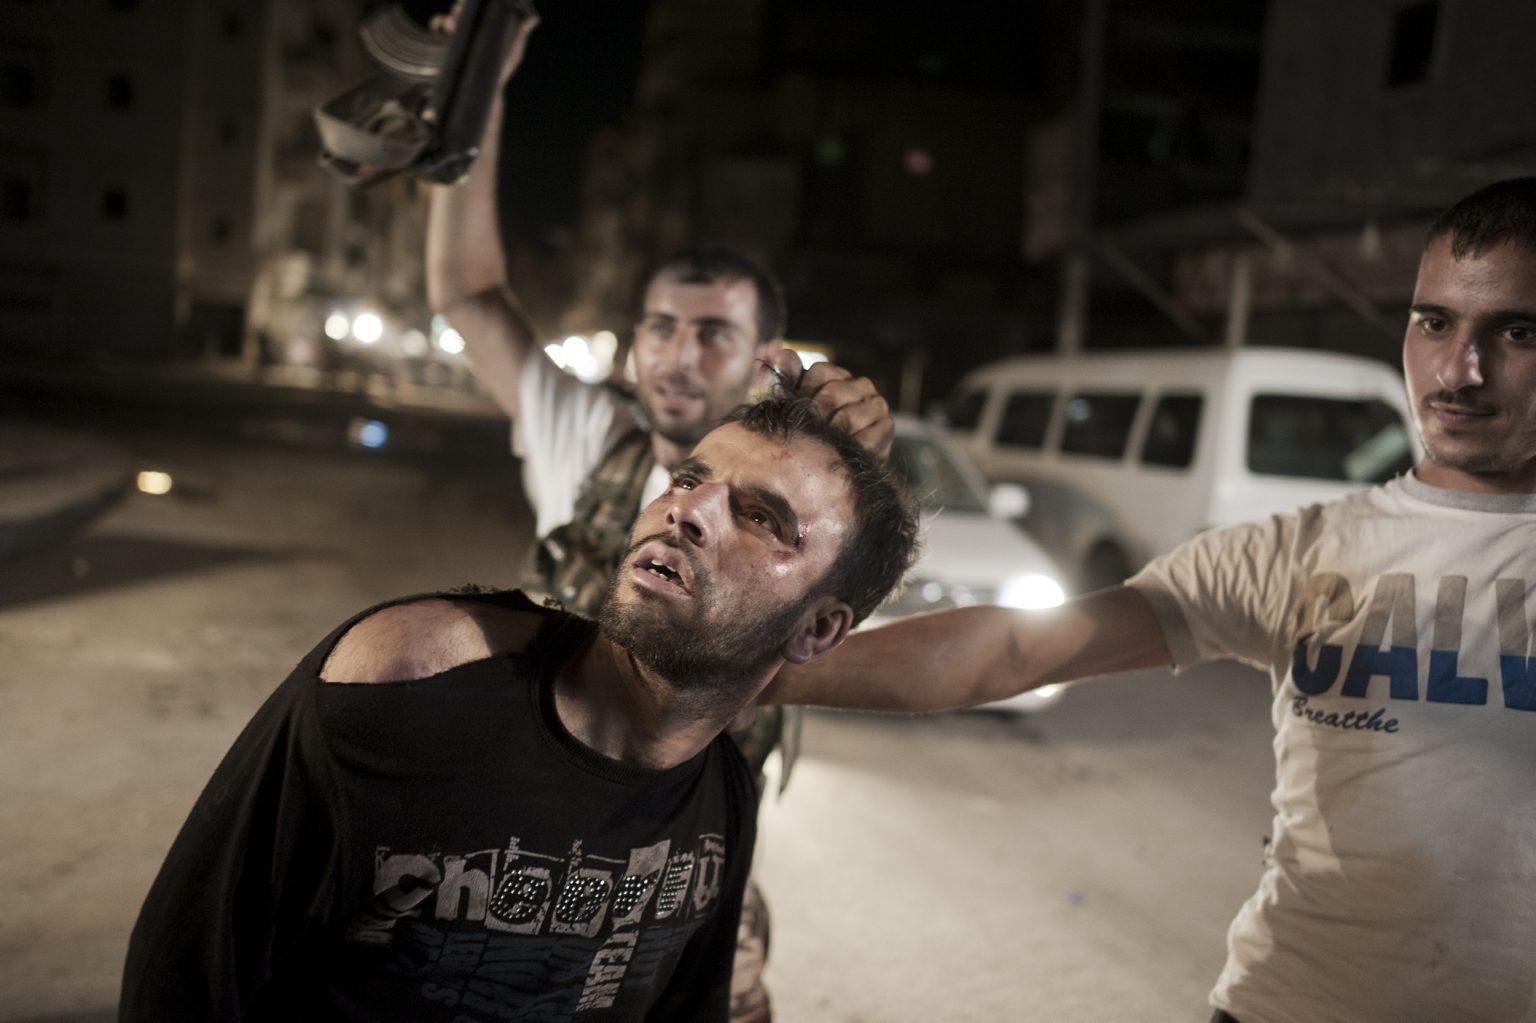 Aleppo, September September 25th 2012 - Two r?ebels holding a man accused of? being a spy for the regime. ------------- Aleppo, settembre 2012 - Co?mbattenti dell'Esercito sirian?o libero trattengono un uomo a?ccusato di essere una spia del? regime.